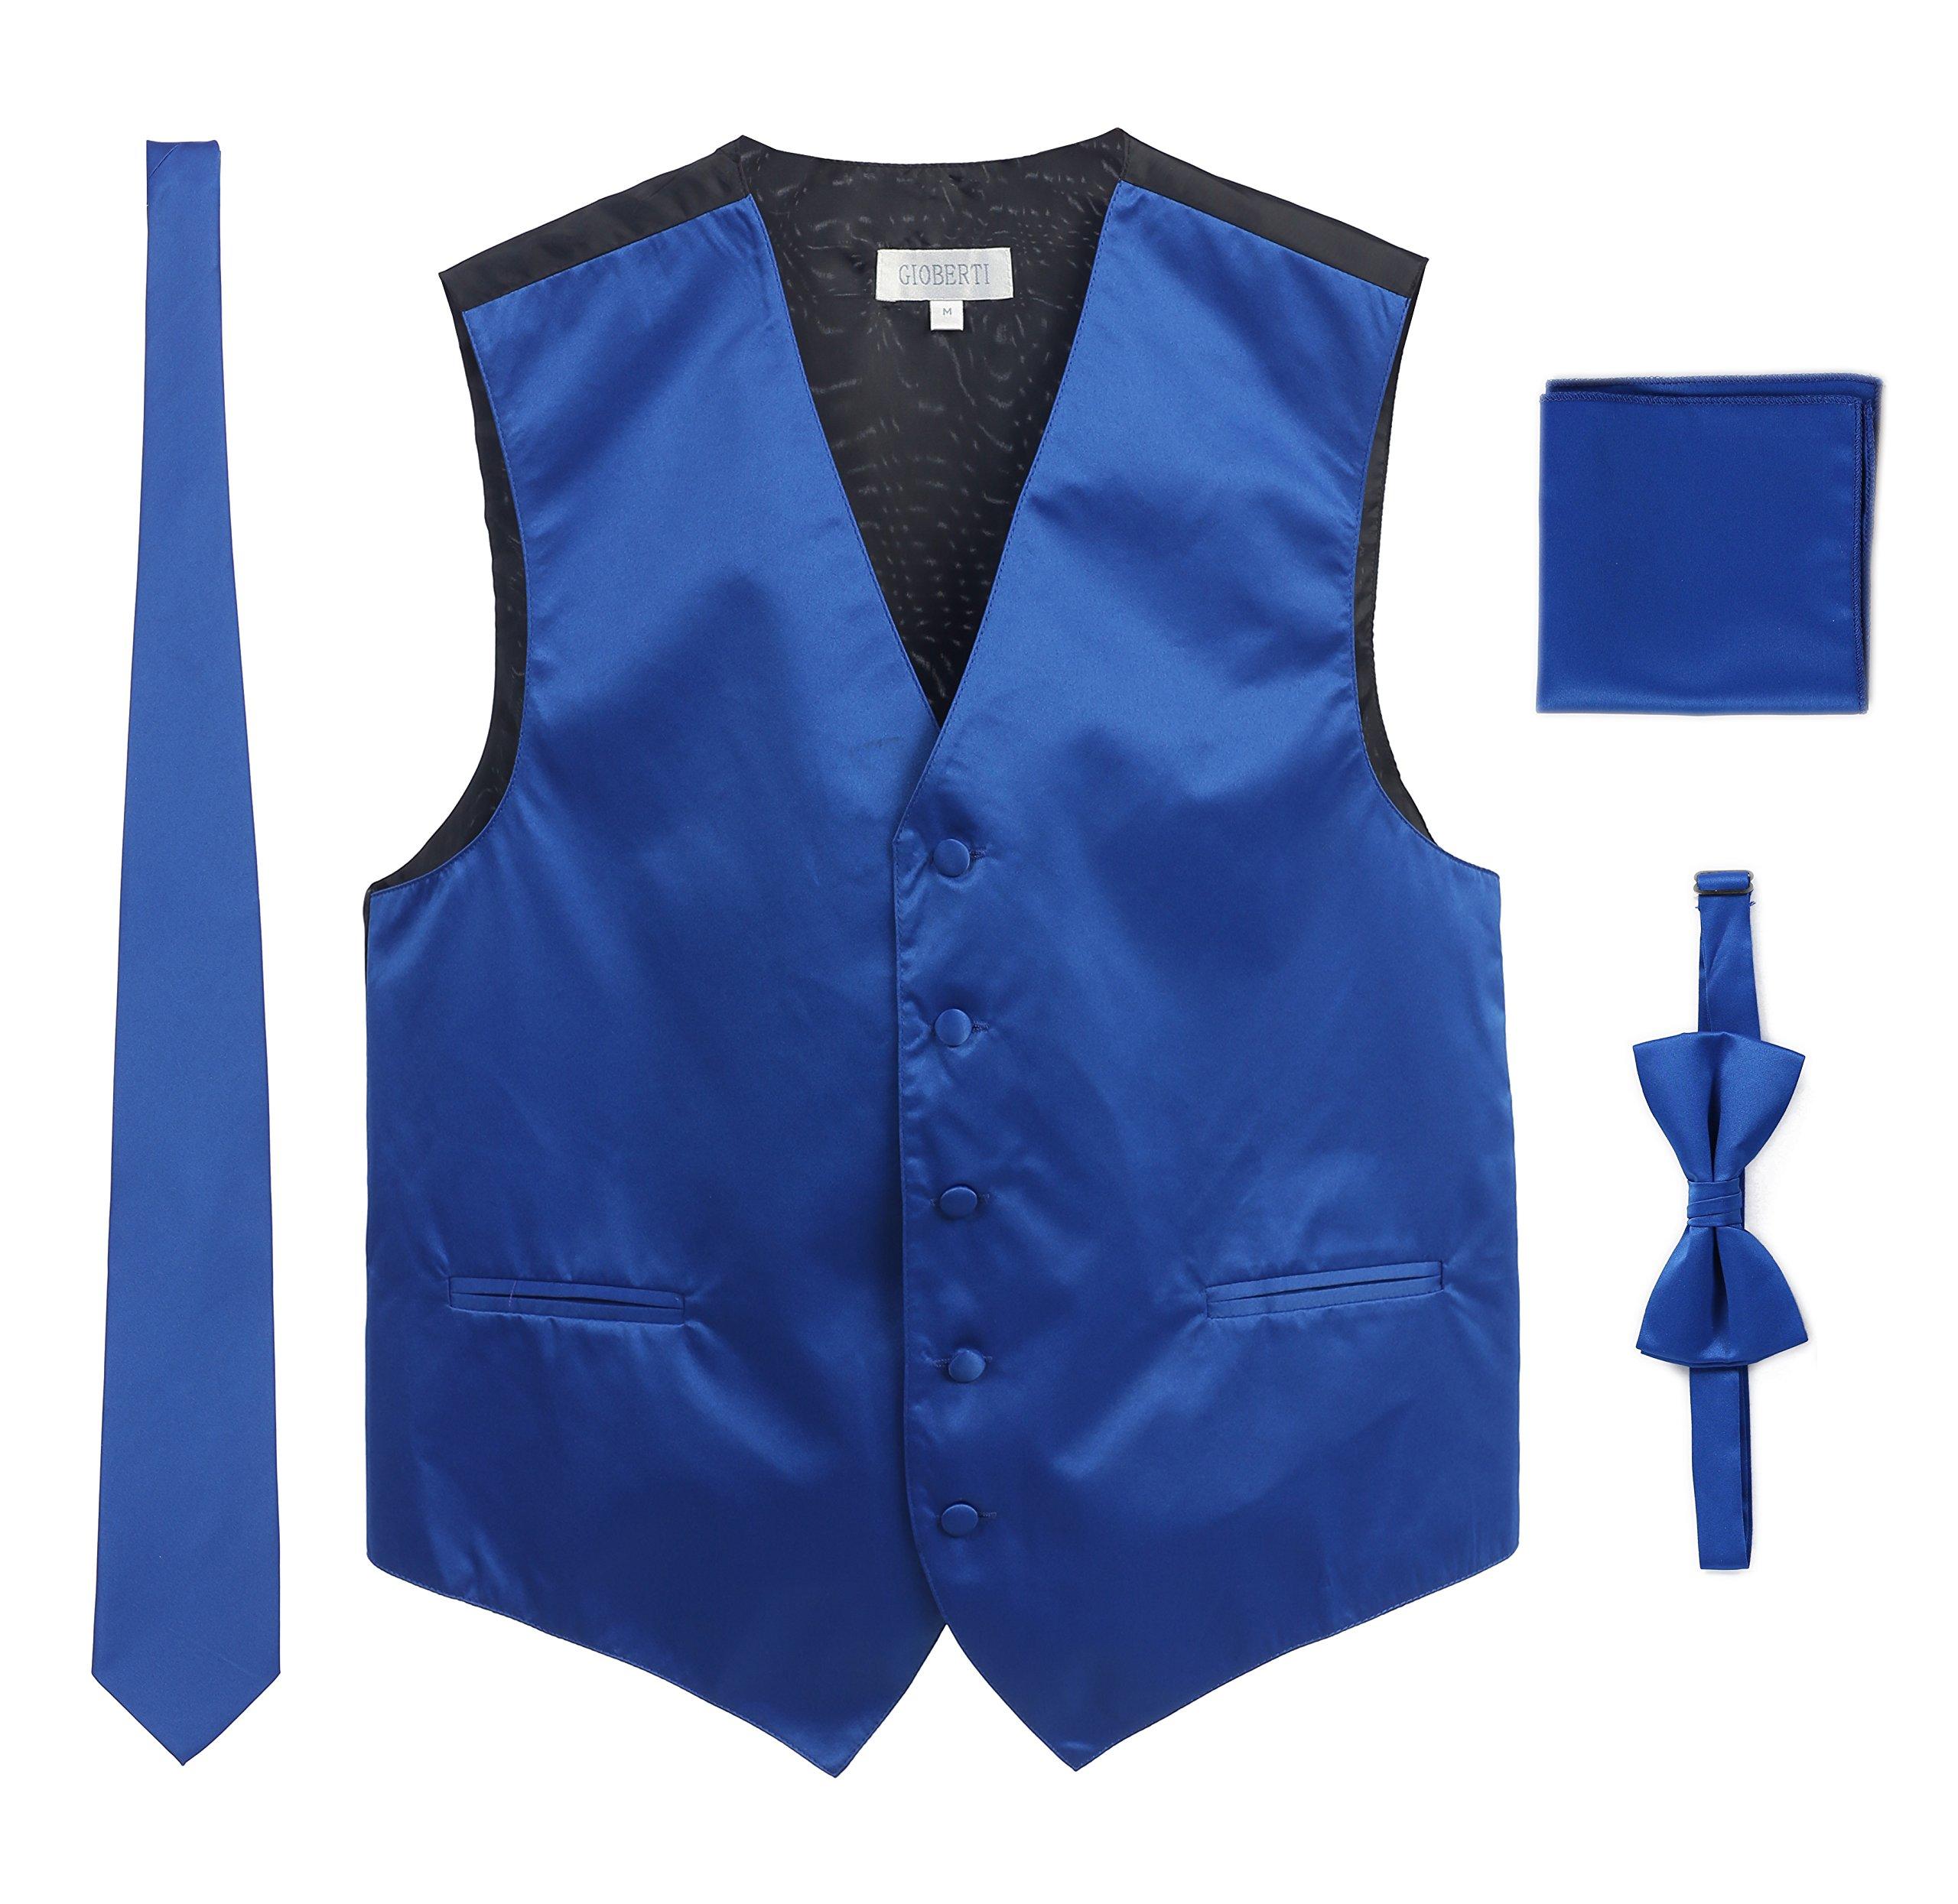 Men's Formal Vest Set, Bowtie, Tie, Pocket Square, Royal Blue, X Large